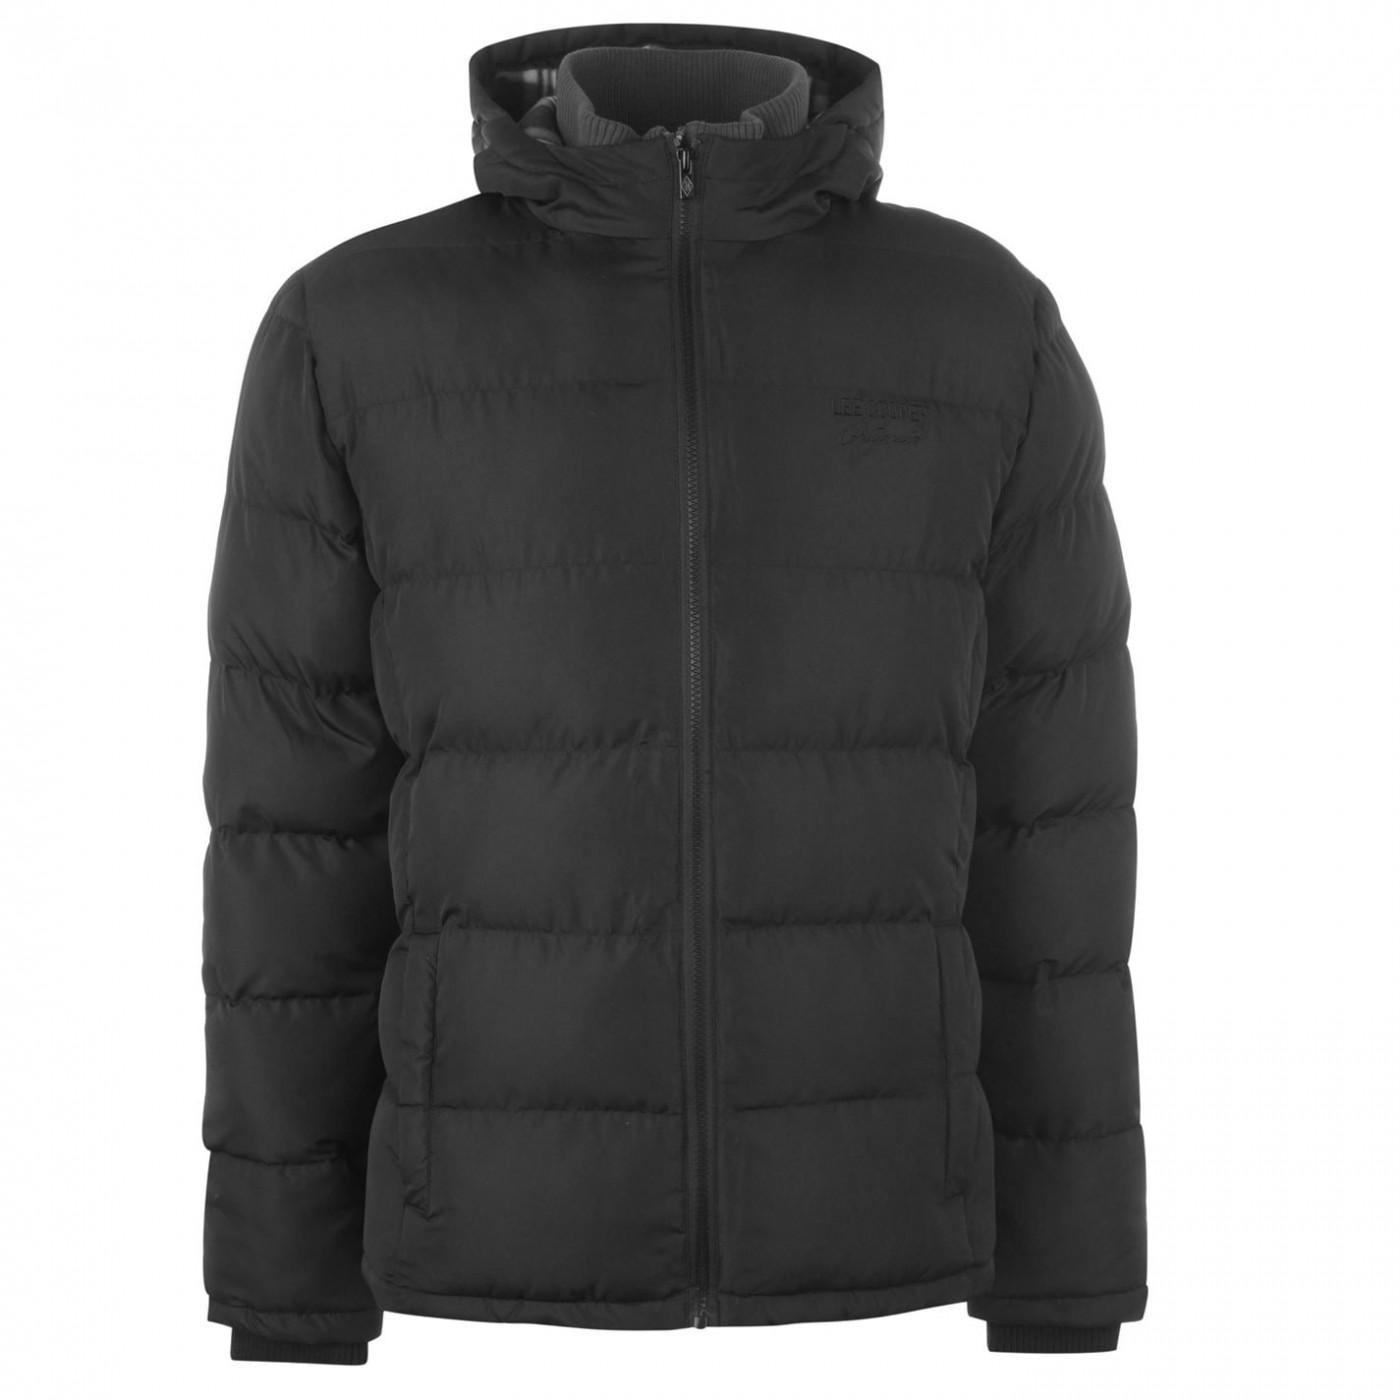 Men's jacket Lee Cooper 2 Zip Bubble